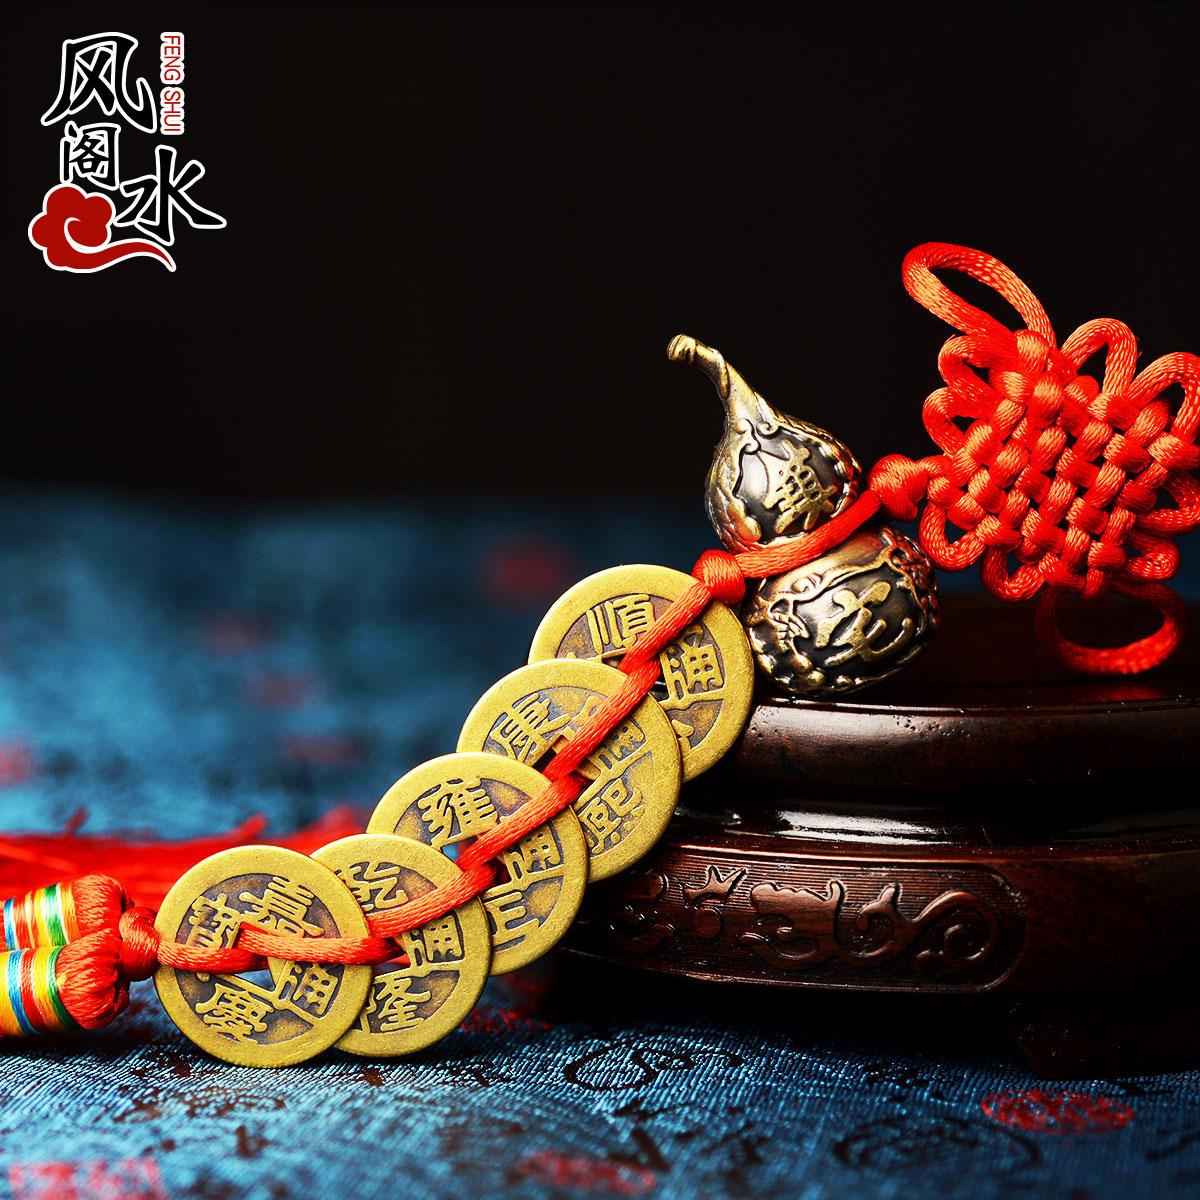 風水閣 開光純銅五帝銅錢合金葫蘆掛件風水擺件吉祥如意招財納福